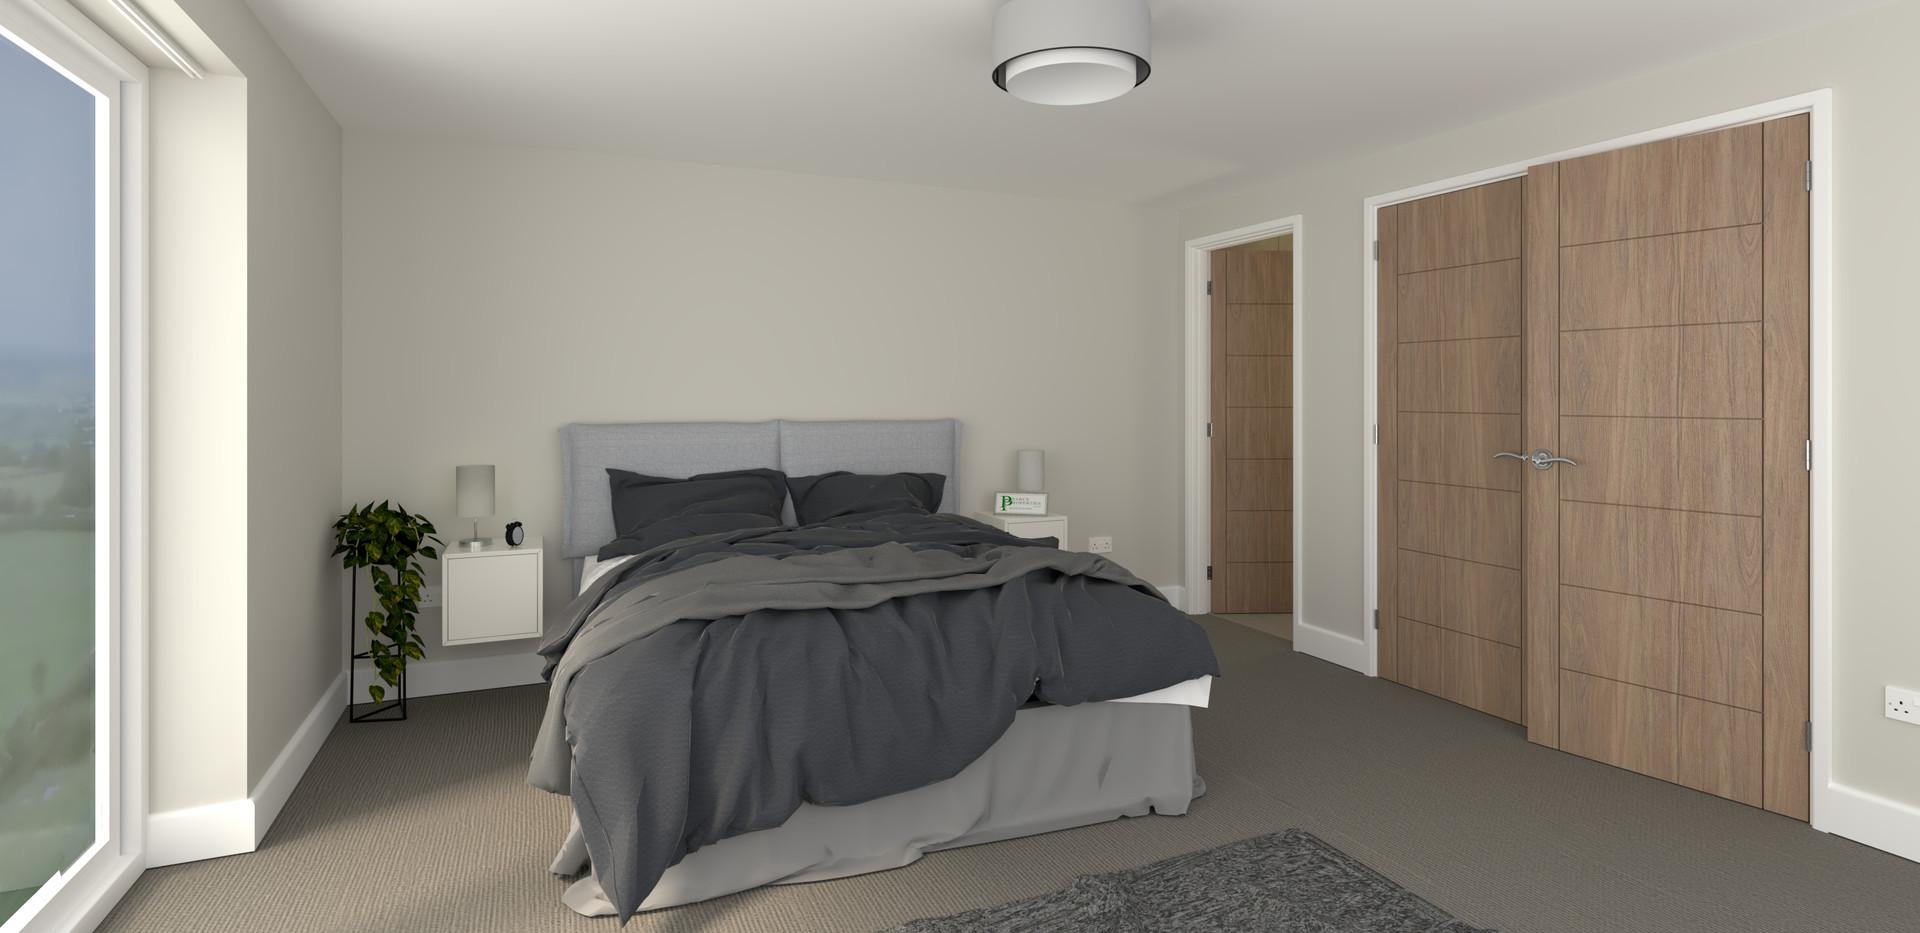 Plot 2 Master Bedroom